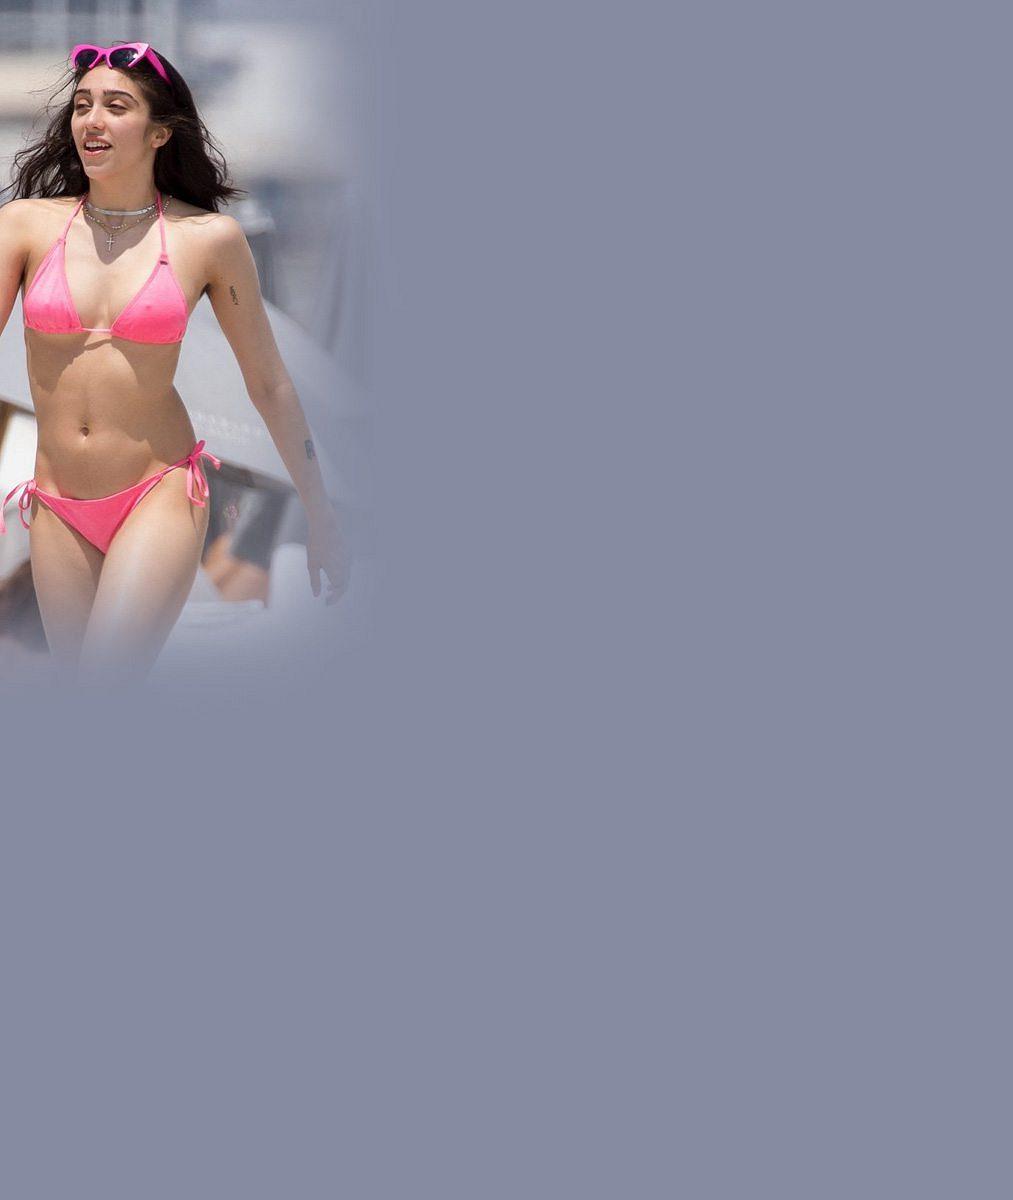 Tělo jako důkaz: Madonnina dcera Lourdes (20) ukázala v růžových bikinách své sexy křivky